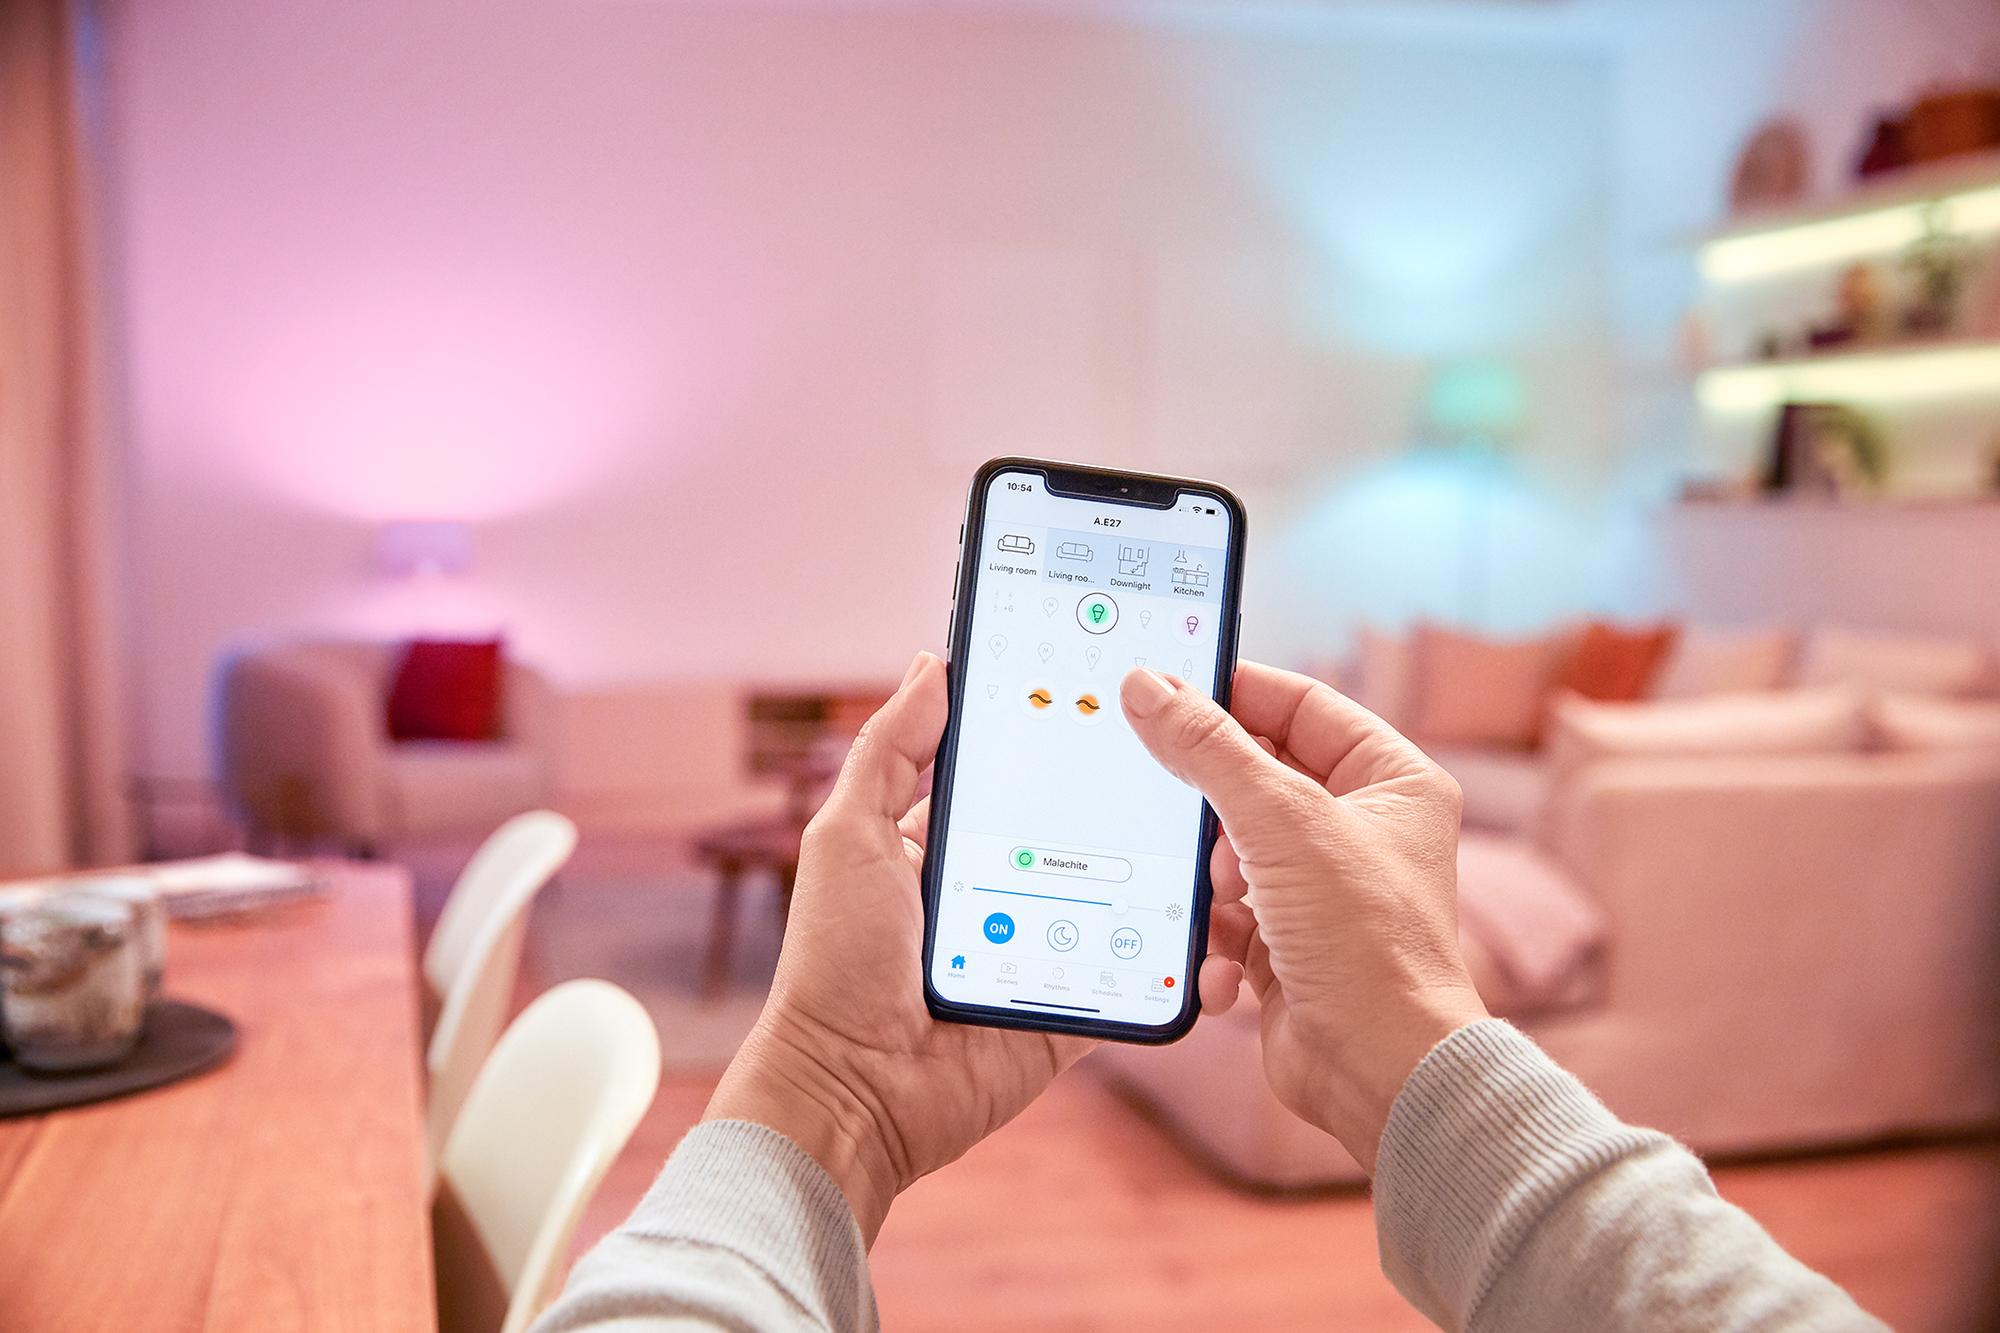 Lasst die WLAN-Lampen von WiZ alles machen, was ihr möchtet: Mit der WiZ-App könnt ihr die volle Kontrolle übernehmen und ein individuelles Lichtdesign für euer Zuhause entwerfen.